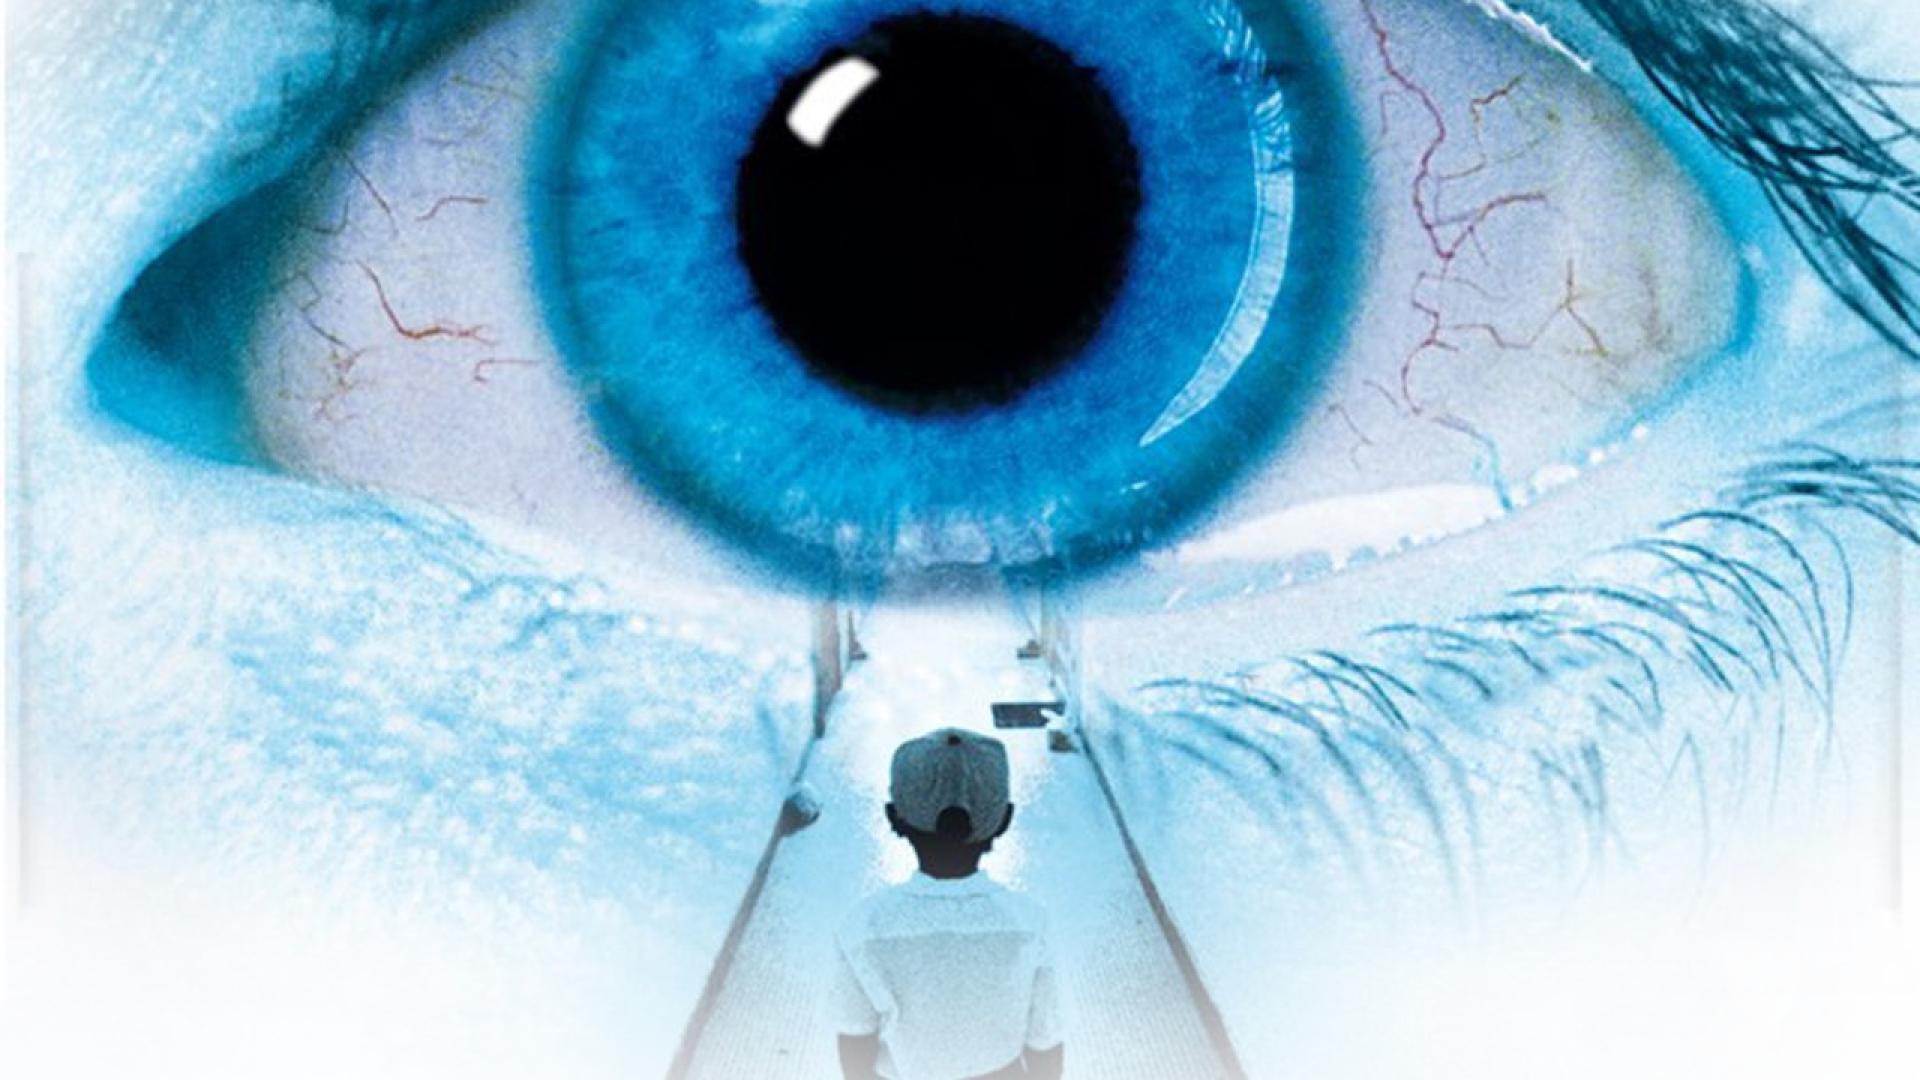 Ázsiai extrém 8. - A szem (2002)